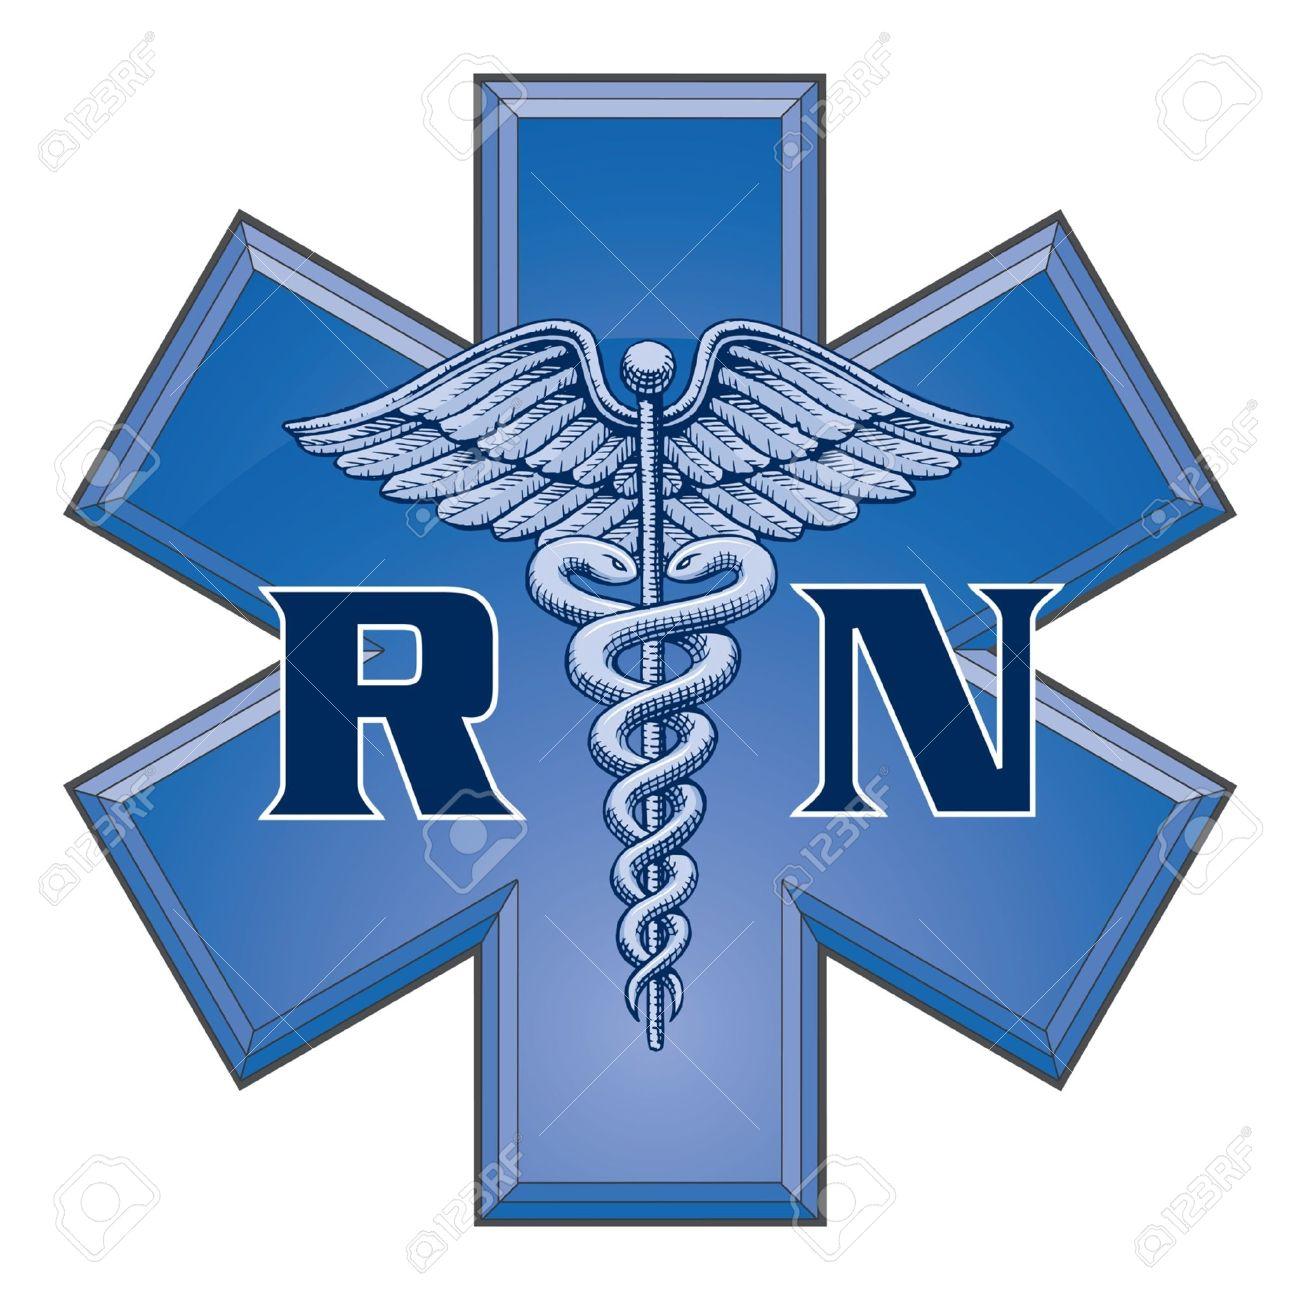 Registered Nurse Star Of Life Medical Symbol Is An Illustration